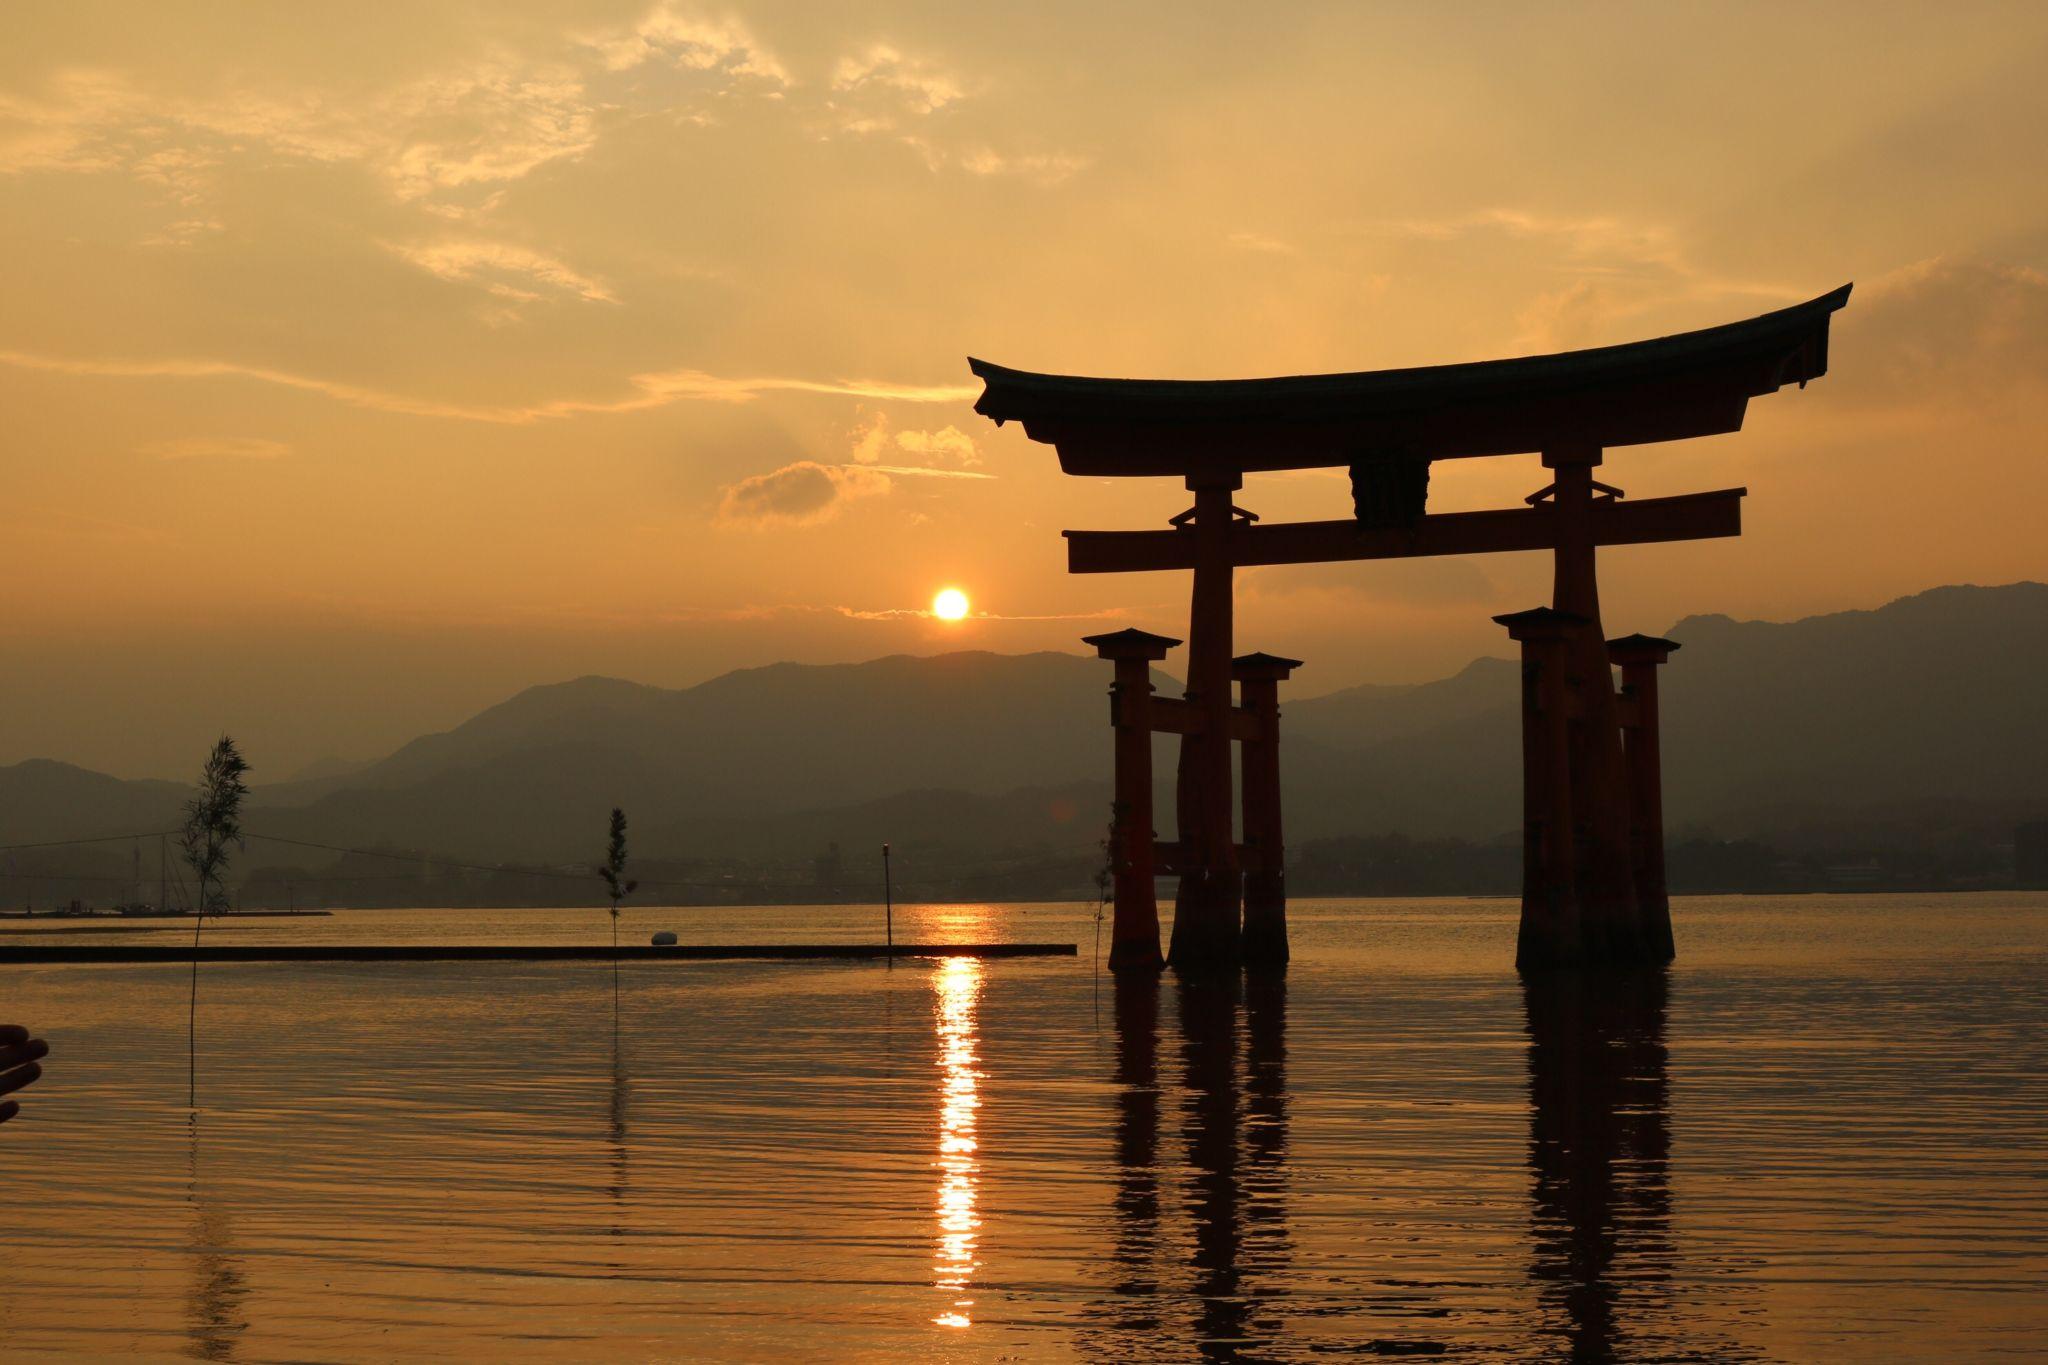 Japanreise planen – worauf muss ich achten?